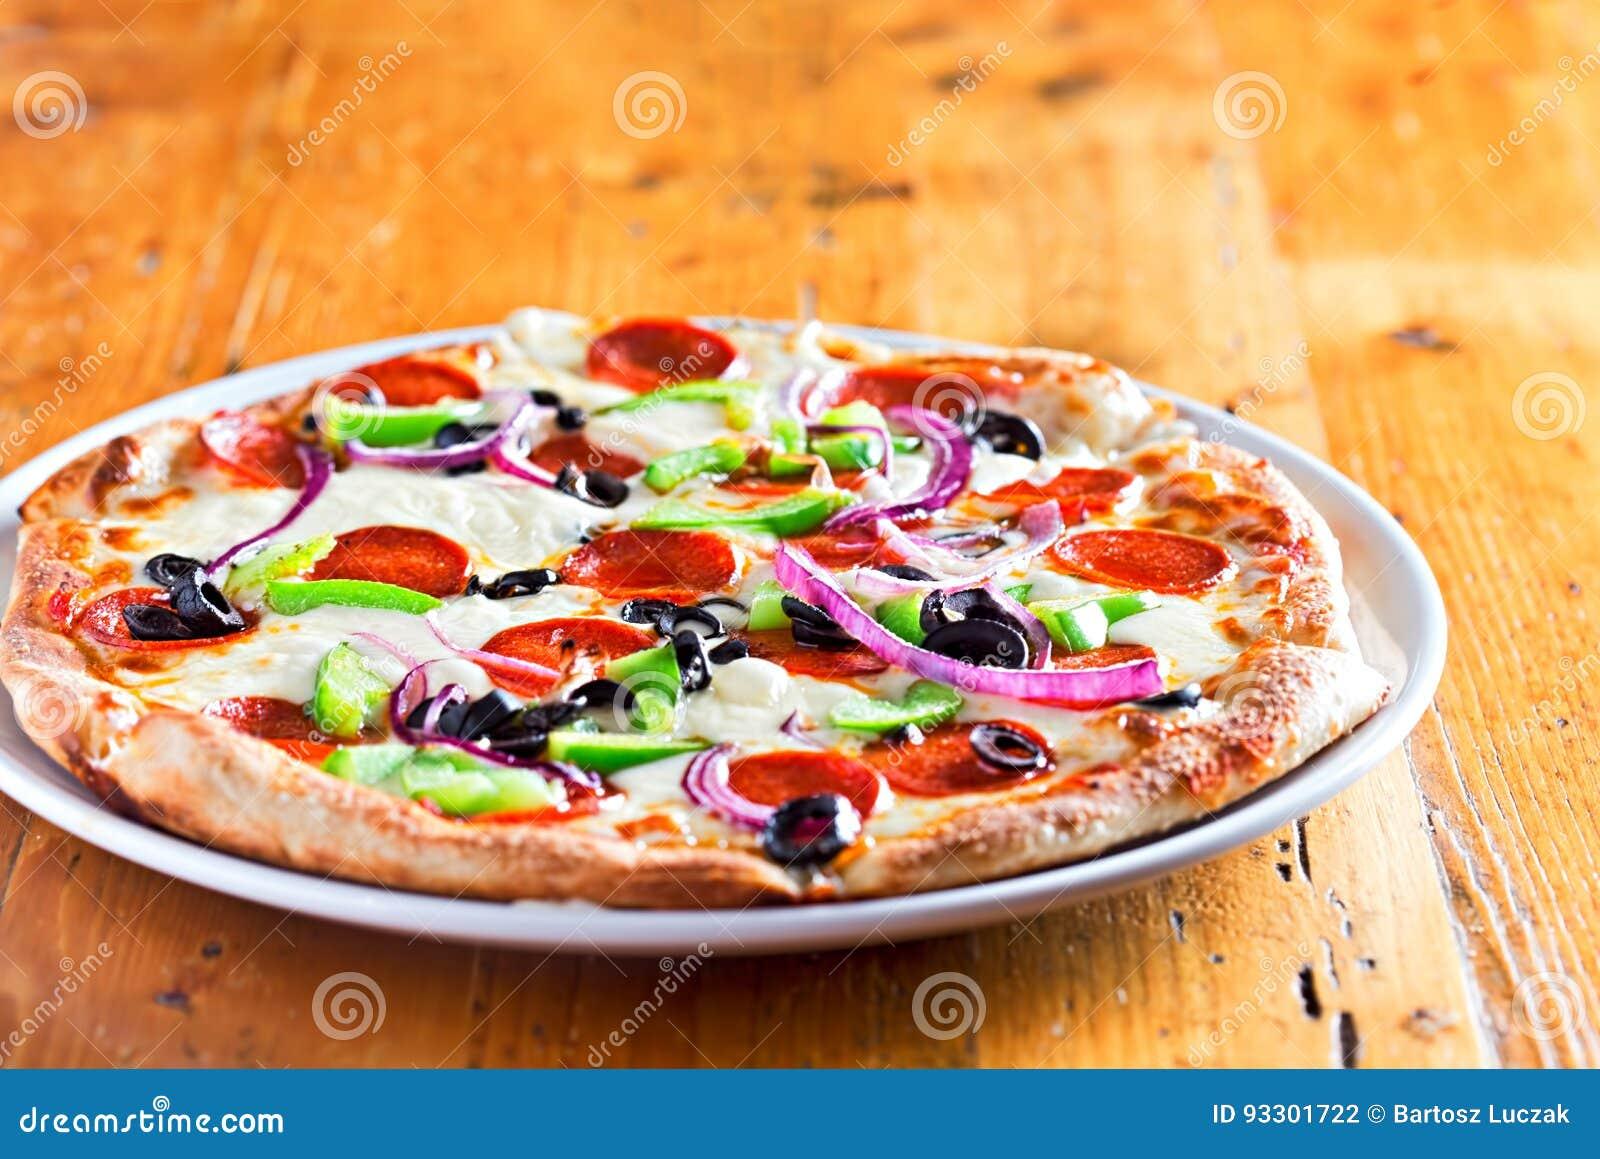 Pizza mit Salami, roter Zwiebel, Pfeffern und schwarzen Oliven